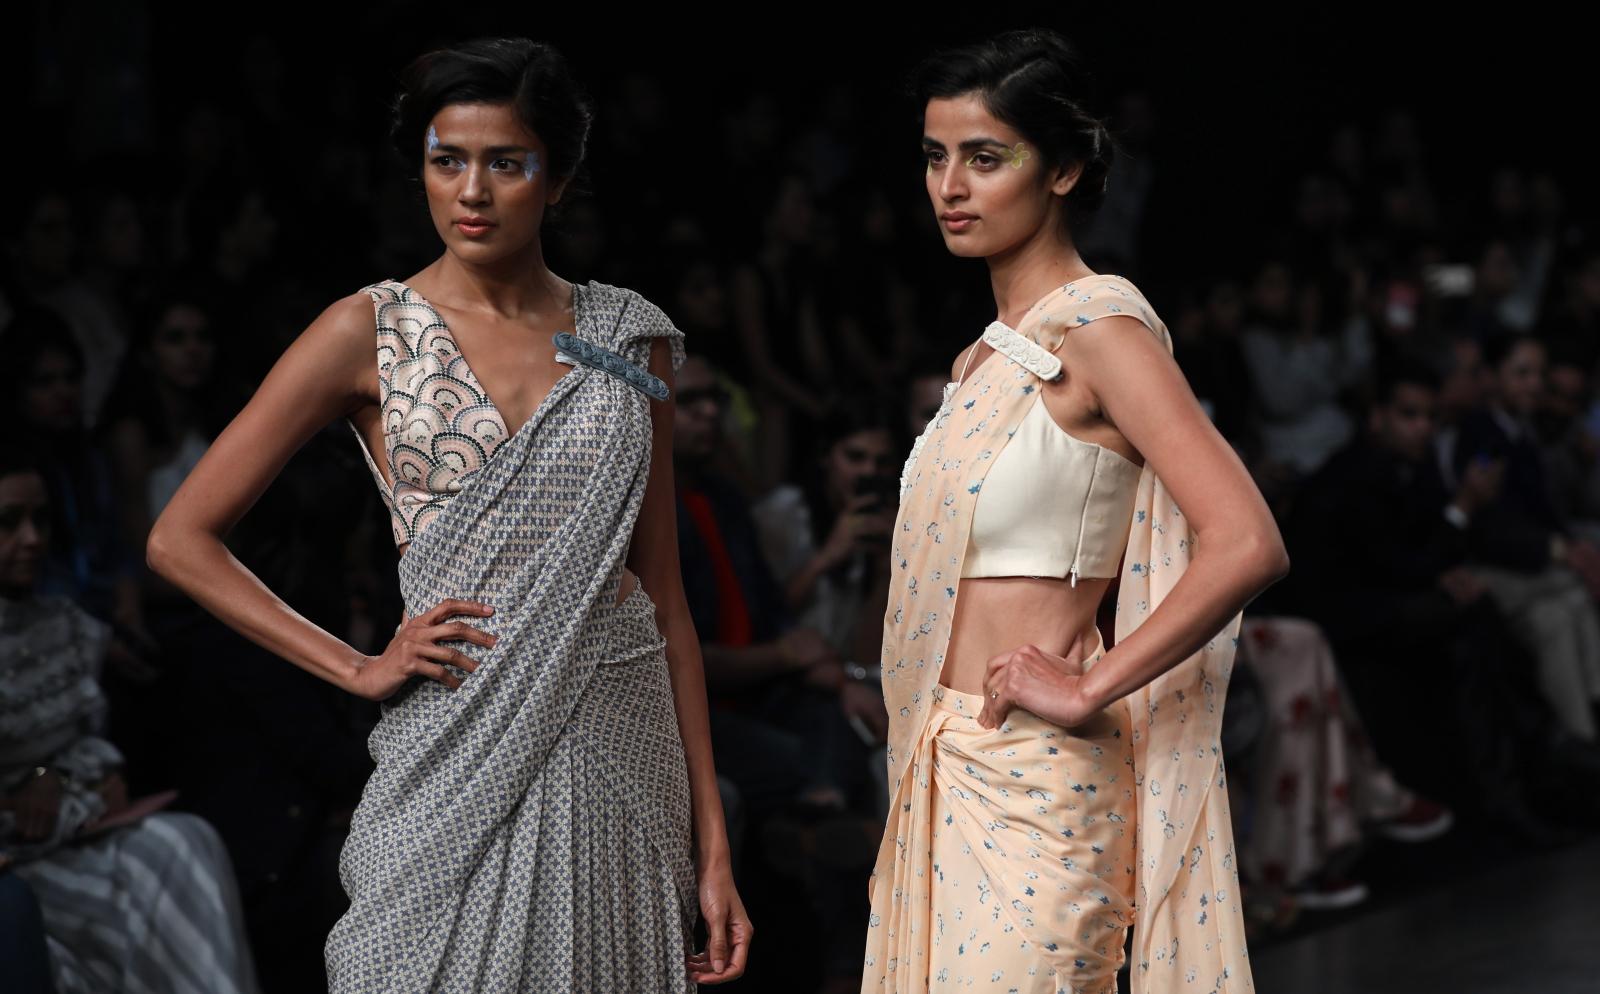 Modelki przedstawiające dzieło indyjskich projektantów Varun Bahl podczas Tygodnia mody Lakme. Fot. EPA/DIVYAKANT SOLANKI